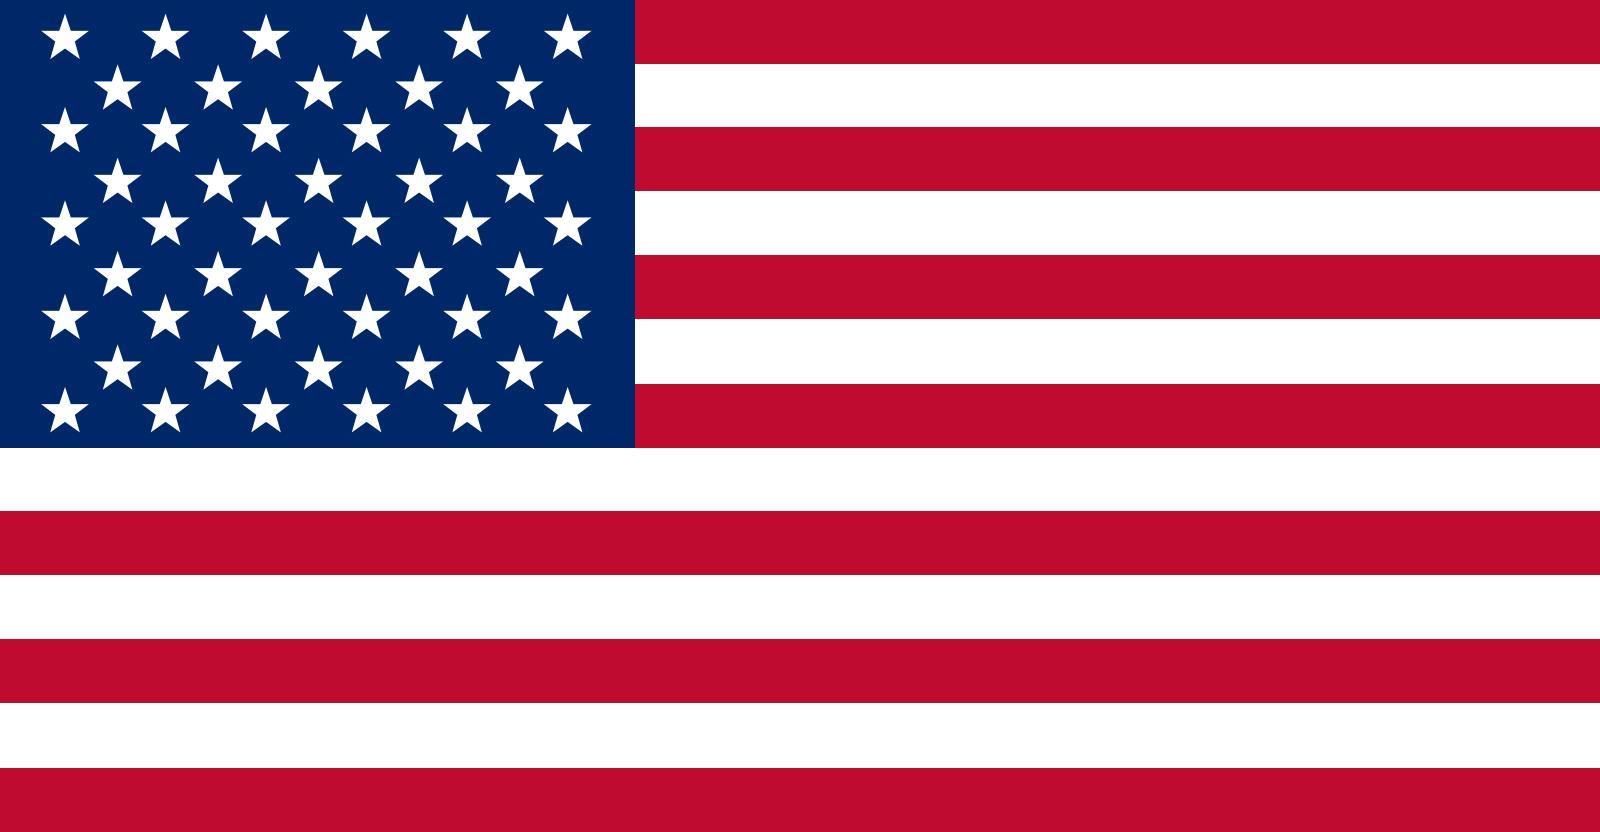 अमेरिकामा कोरोना संक्रमितको संख्या १६ लाख २० हजार नाघ्यो, ९६ हजार ४ सयको मृत्यु